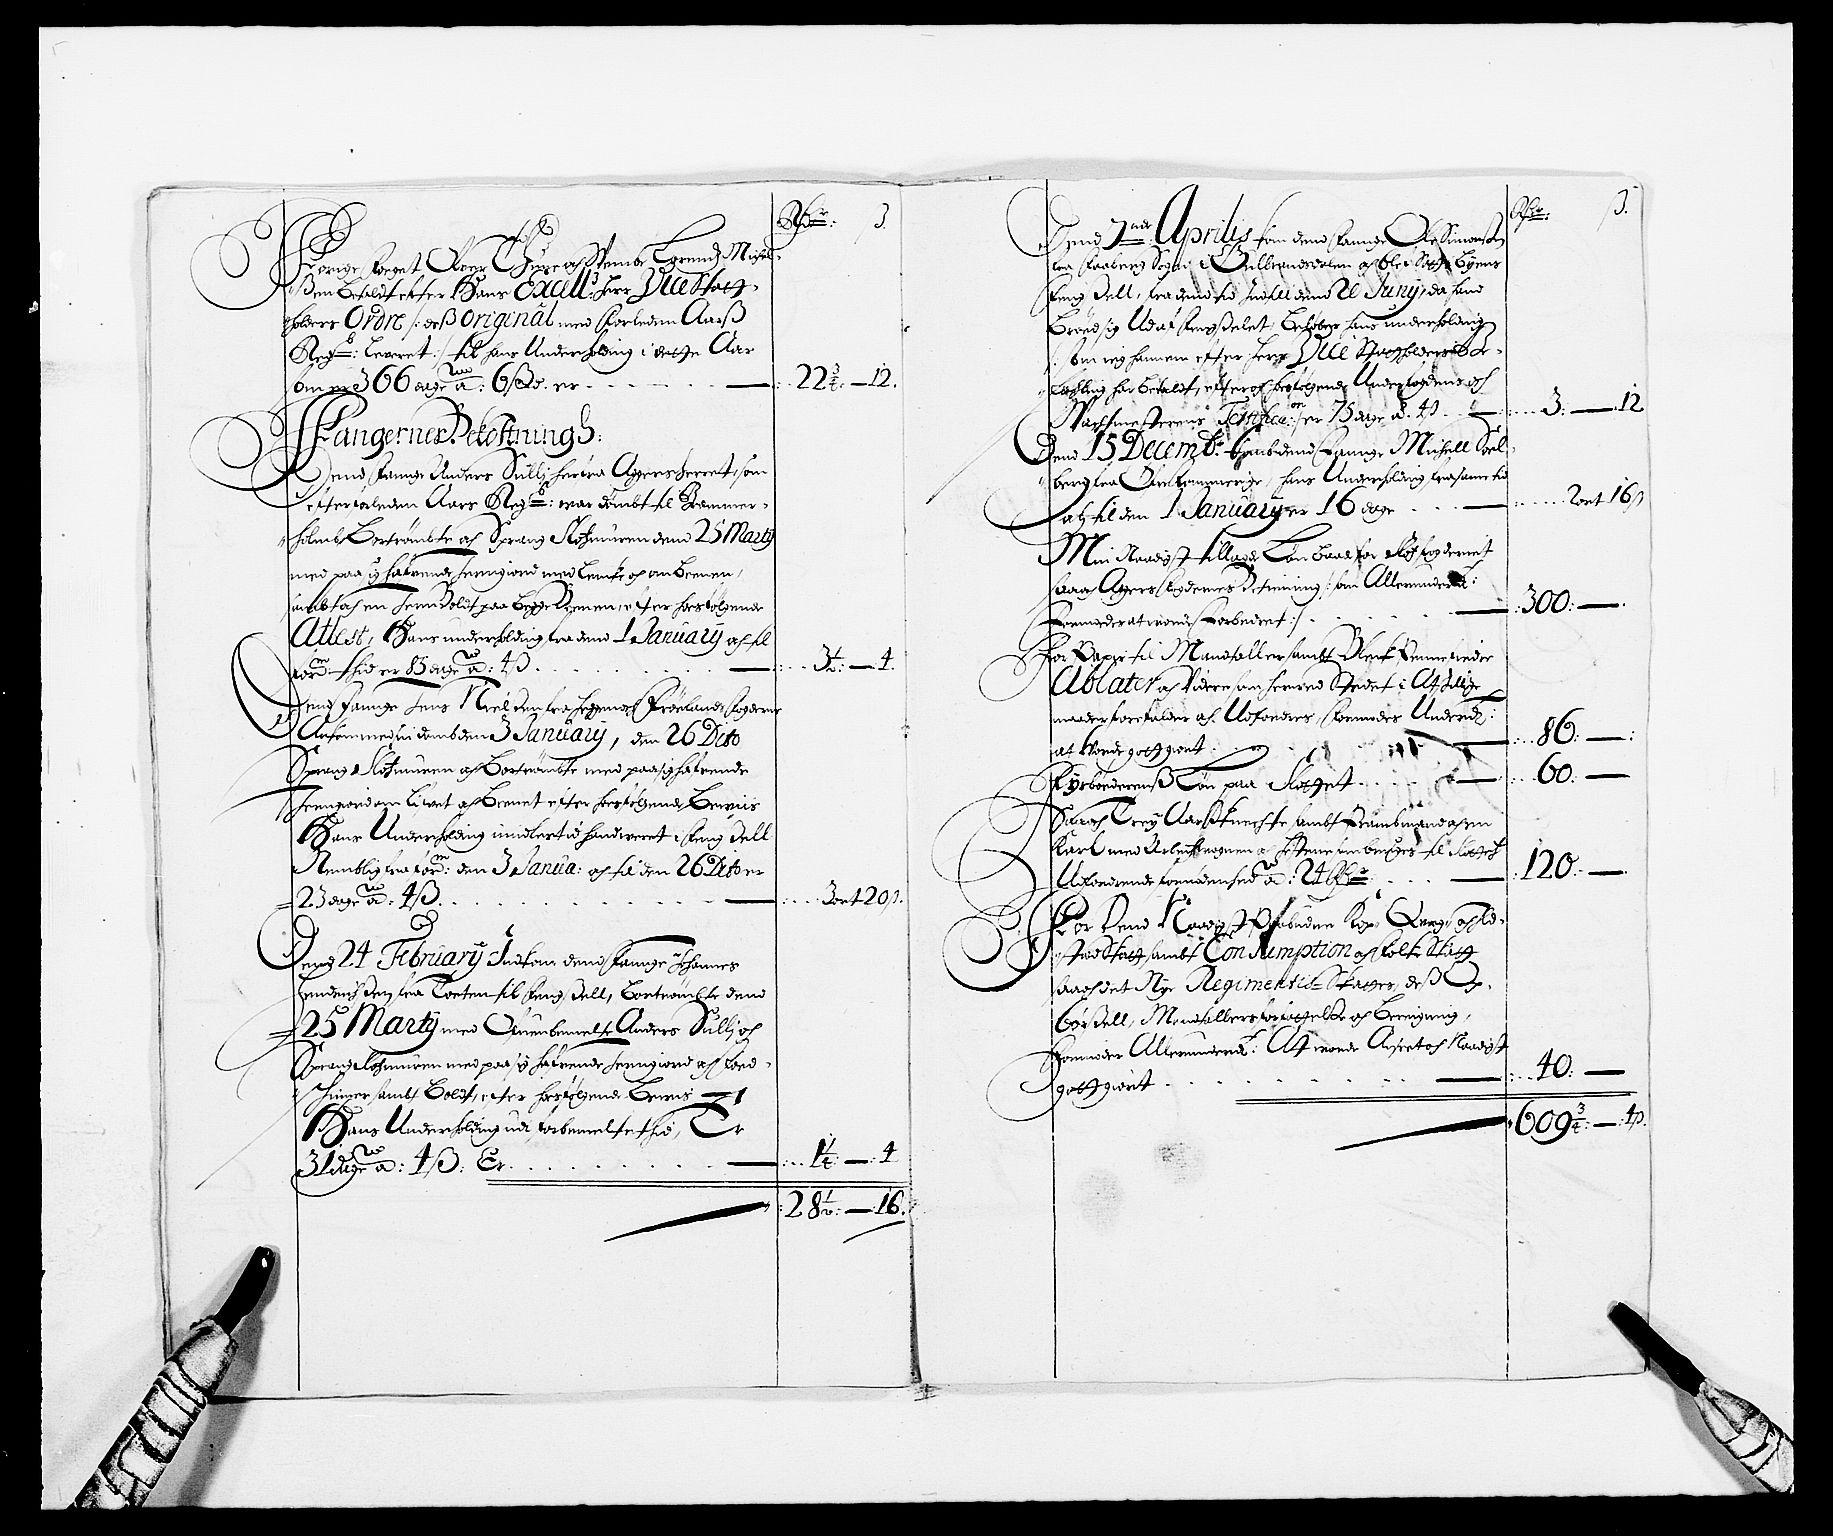 RA, Rentekammeret inntil 1814, Reviderte regnskaper, Fogderegnskap, R08/L0422: Fogderegnskap Aker, 1684-1686, s. 272